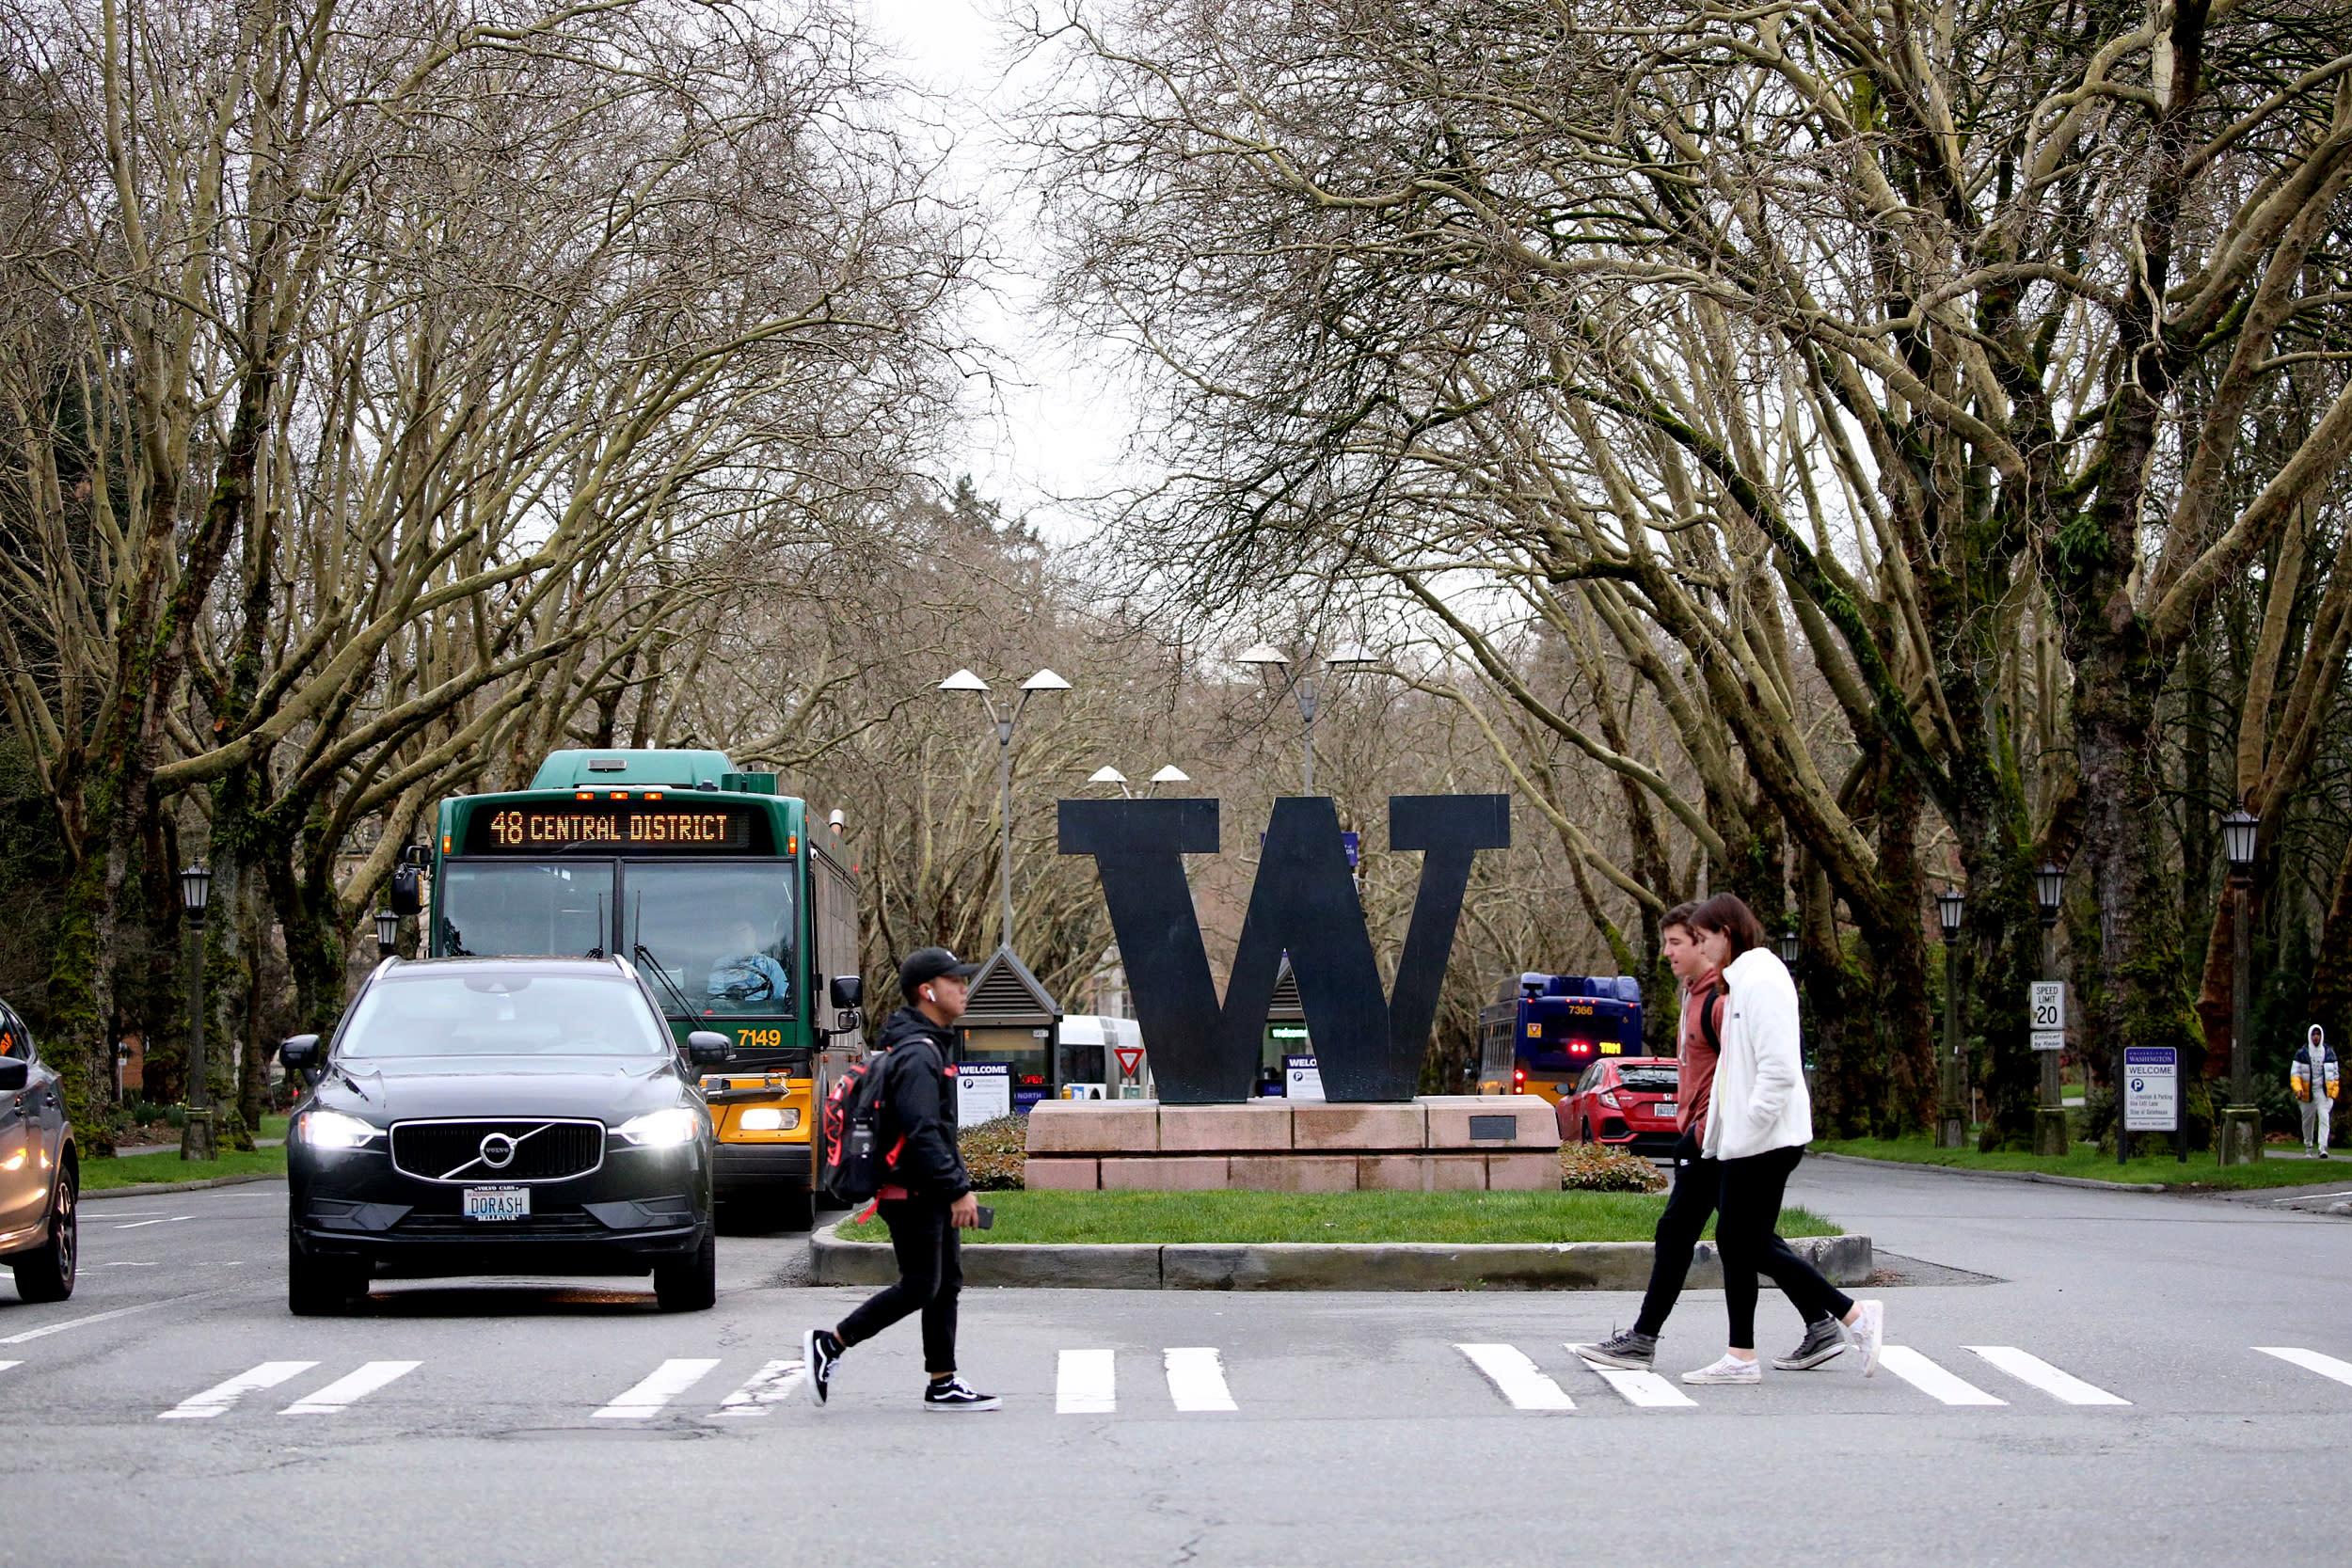 Coronavirus outbreak among students at University of Washington's frat houses